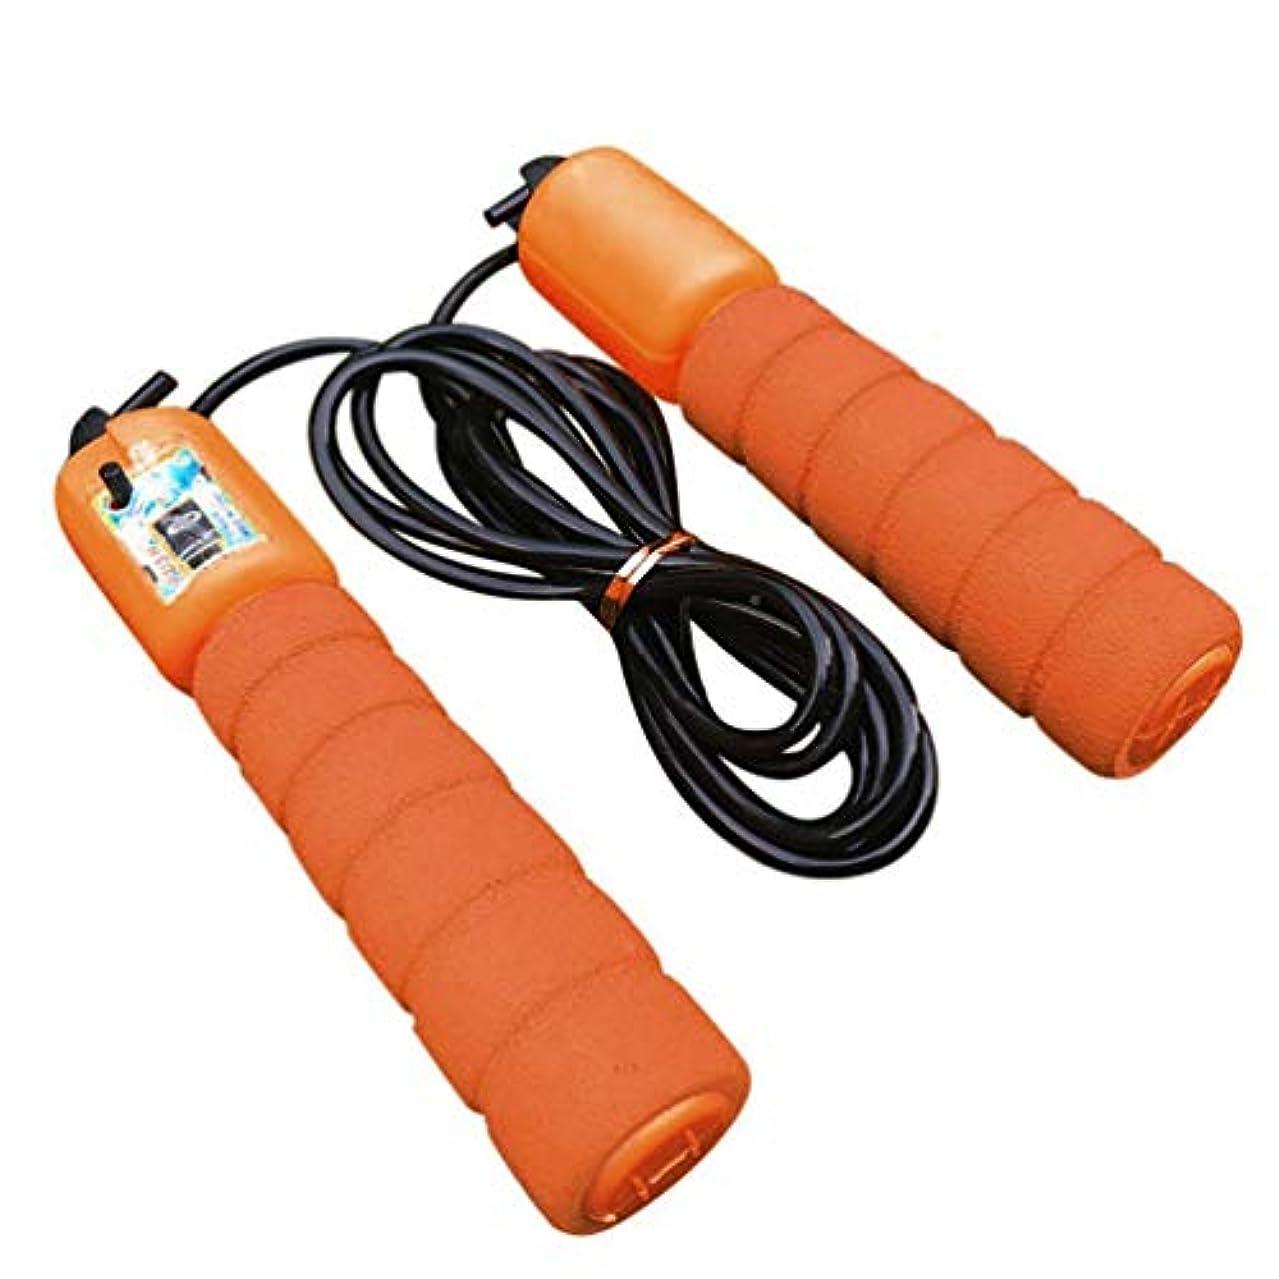 生産的バッジバランスのとれた調整可能なプロフェッショナルカウントスキップロープ自動カウントジャンプロープフィットネスエクササイズ高速スピードカウントジャンプロープ-オレンジ